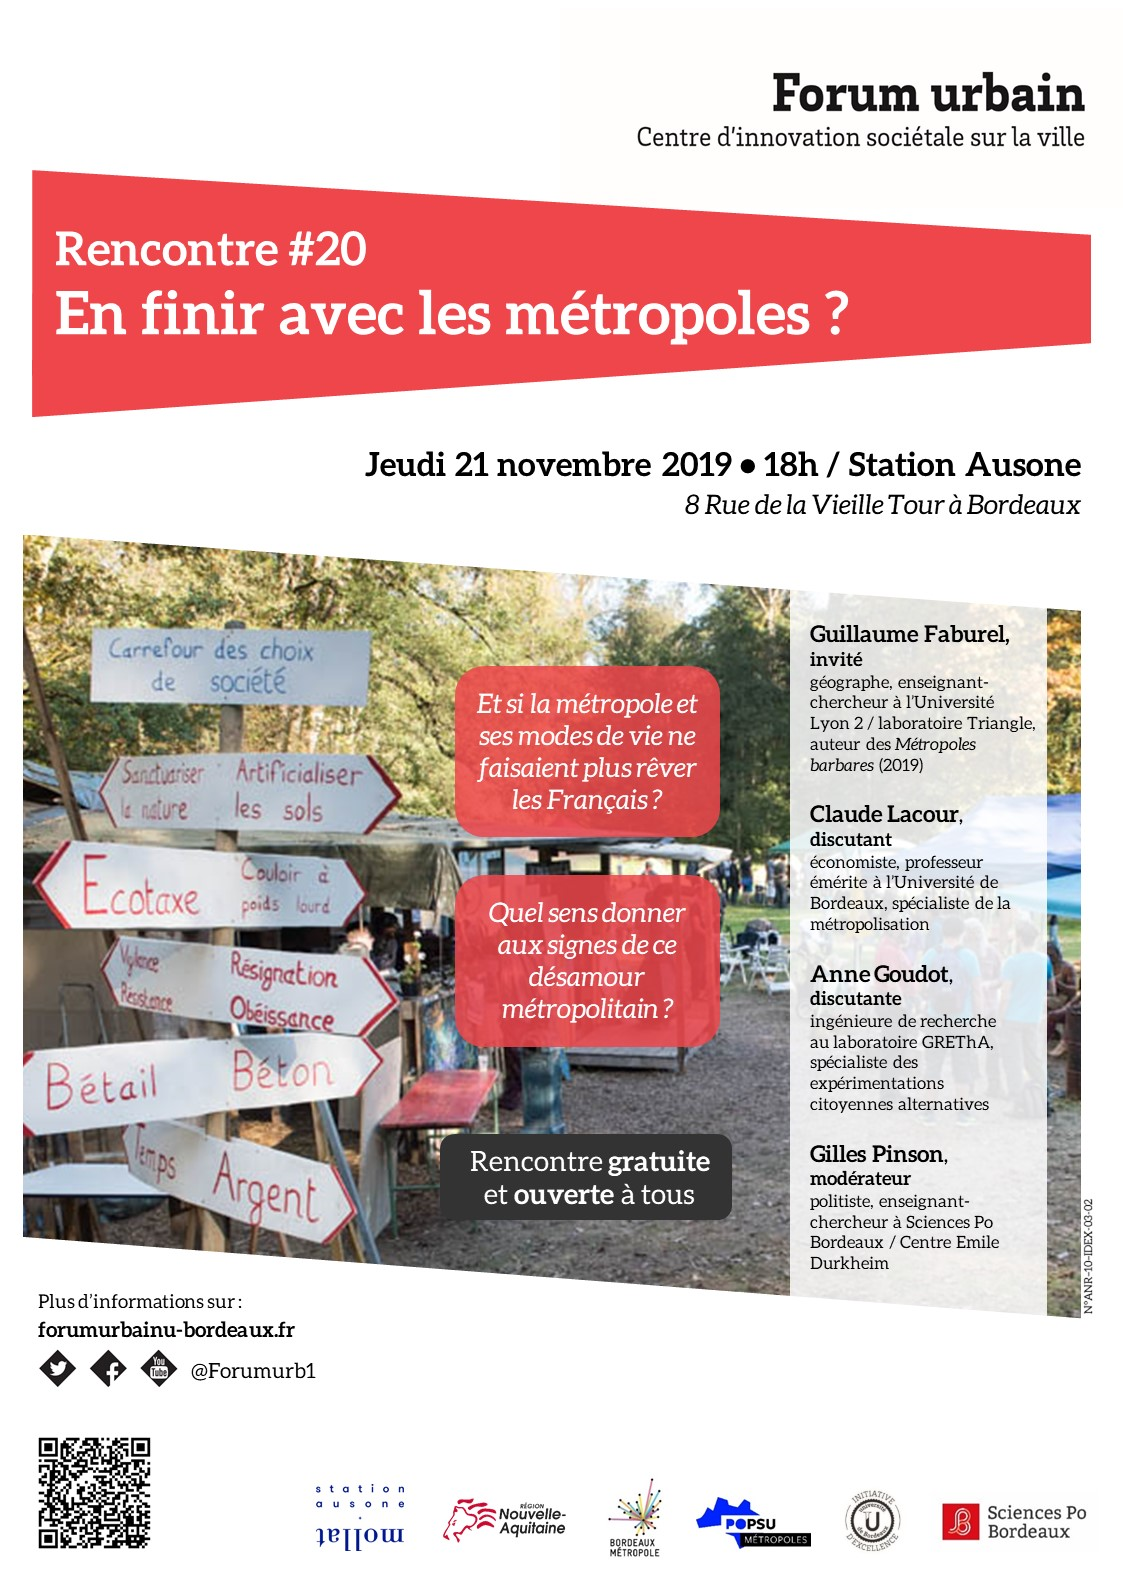 RENCONTRE #20 DU FORUM URBAIN : En finir avec les métropoles | 21/11/2019